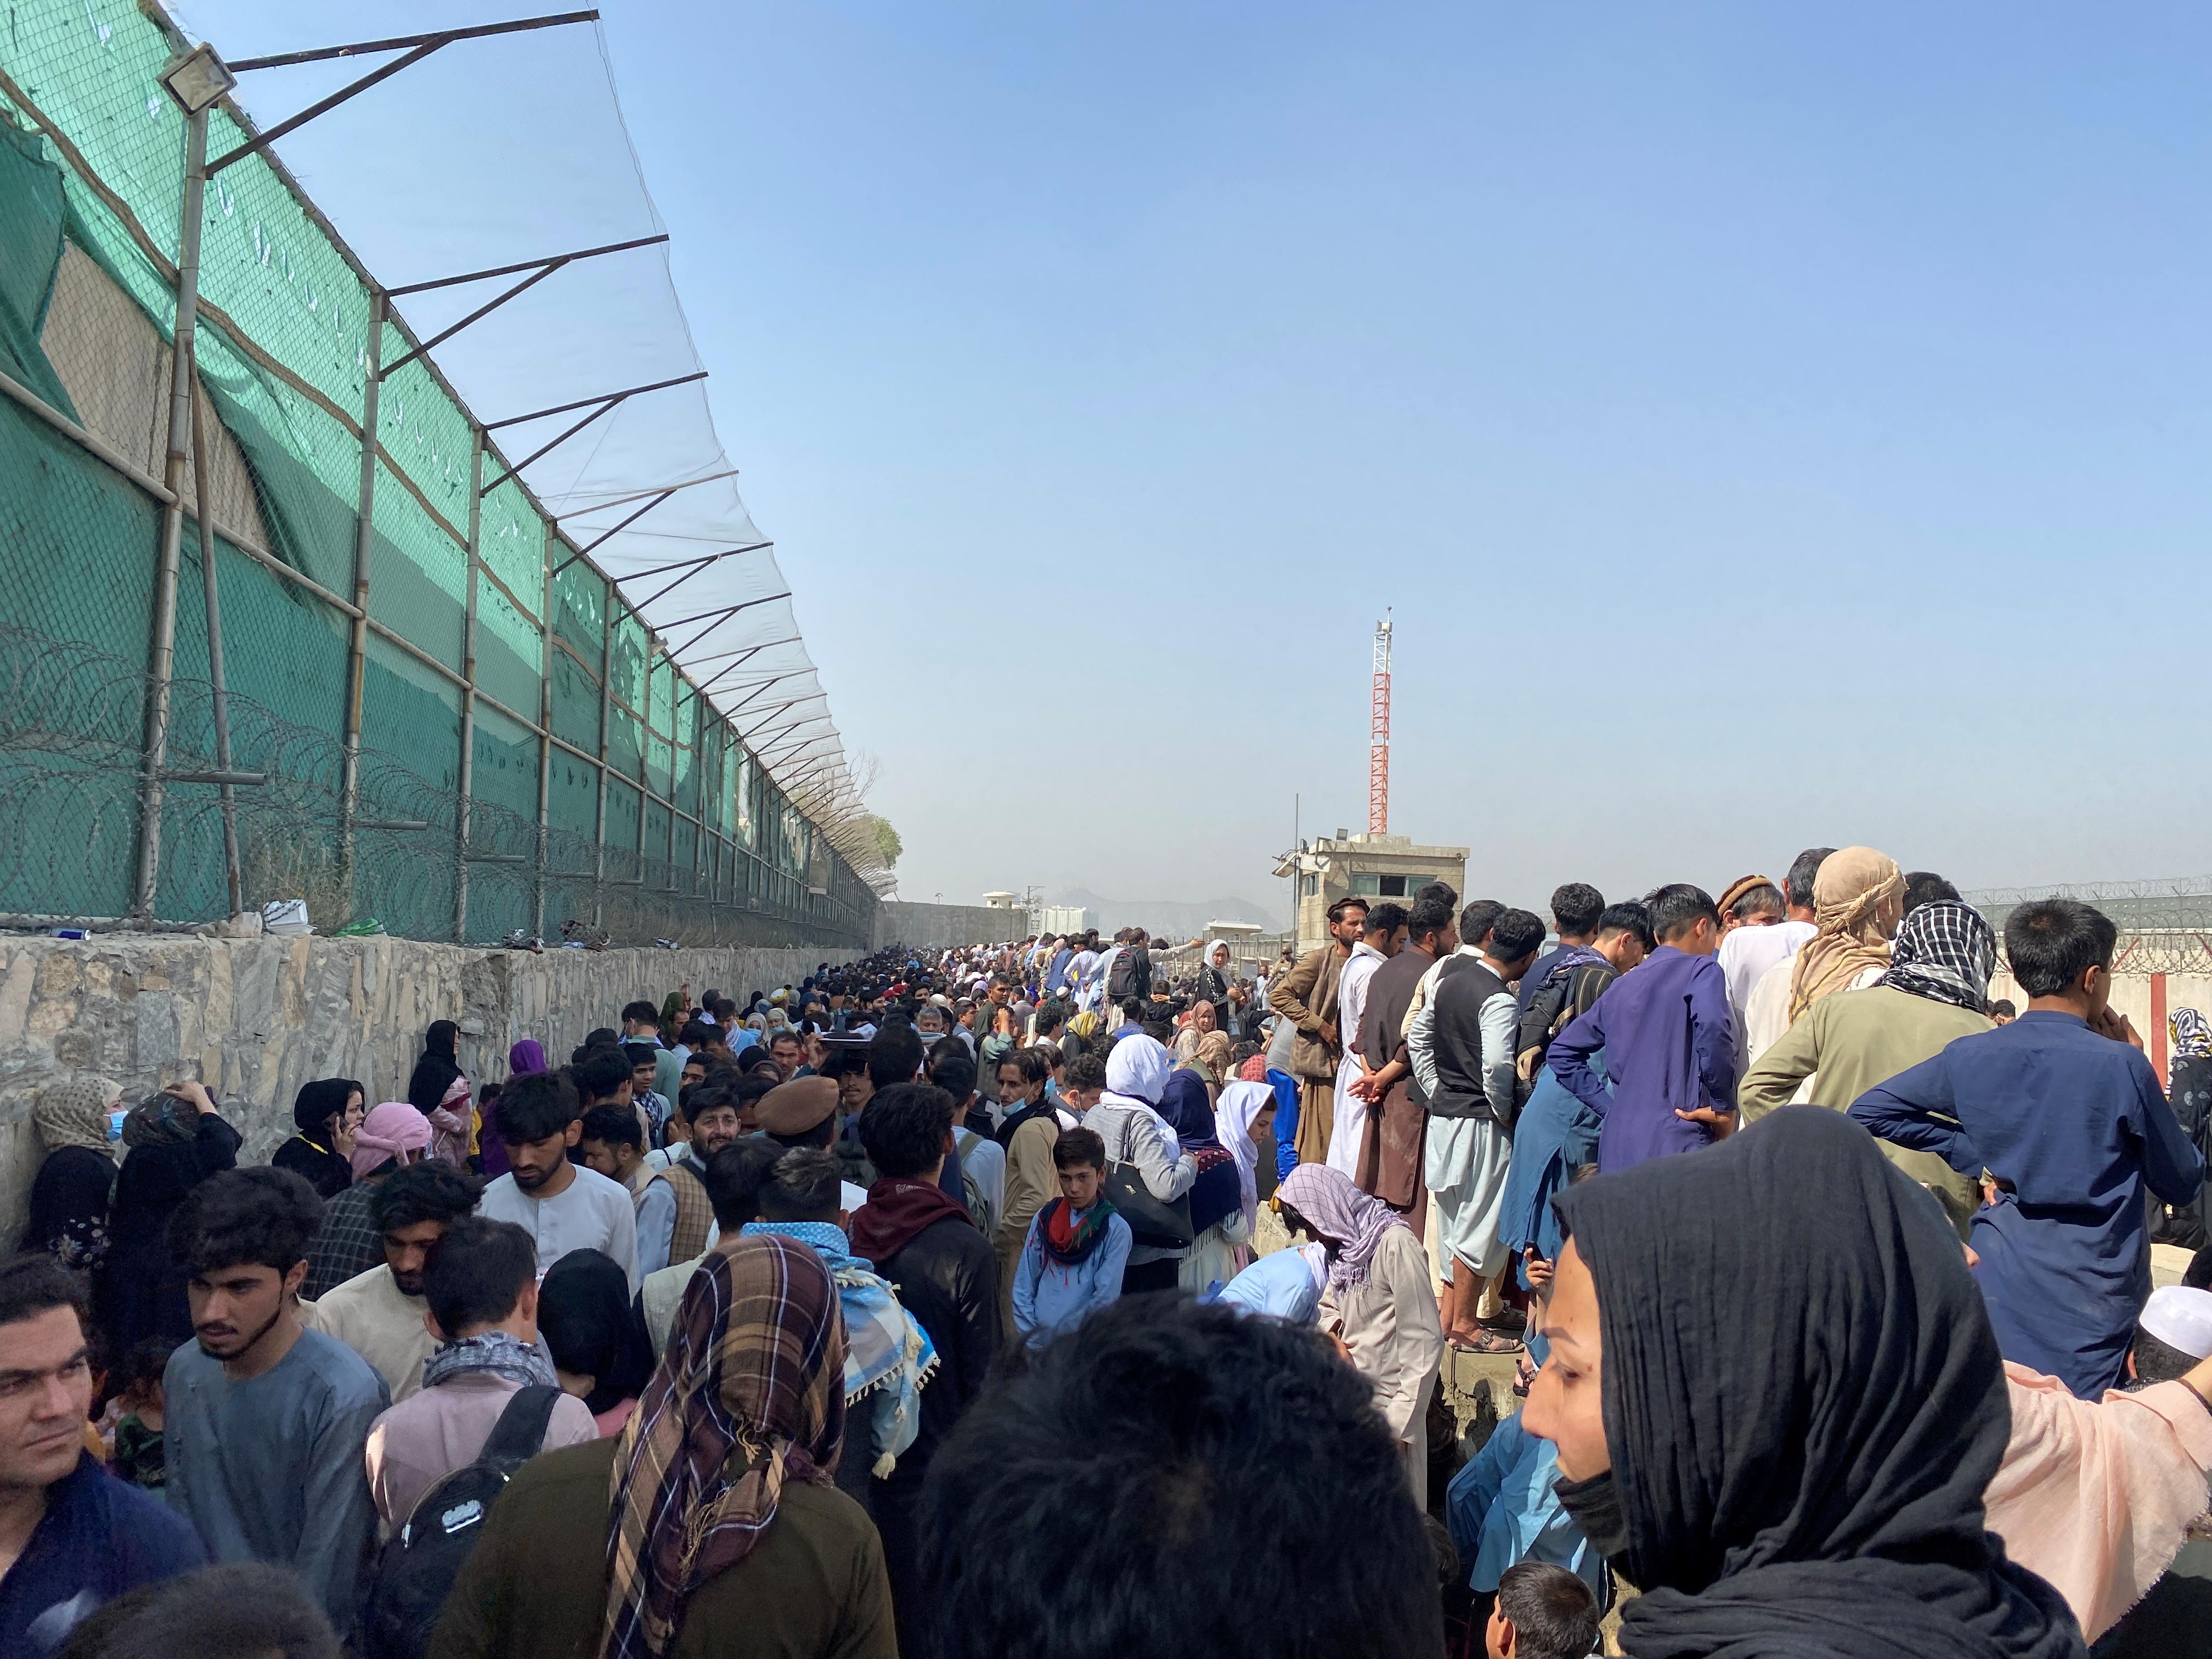 23 年 2021 月 XNUMX 日,阿富汗喀布尔机场附近人群的全貌。来自路透社的 ASVAKA 新闻